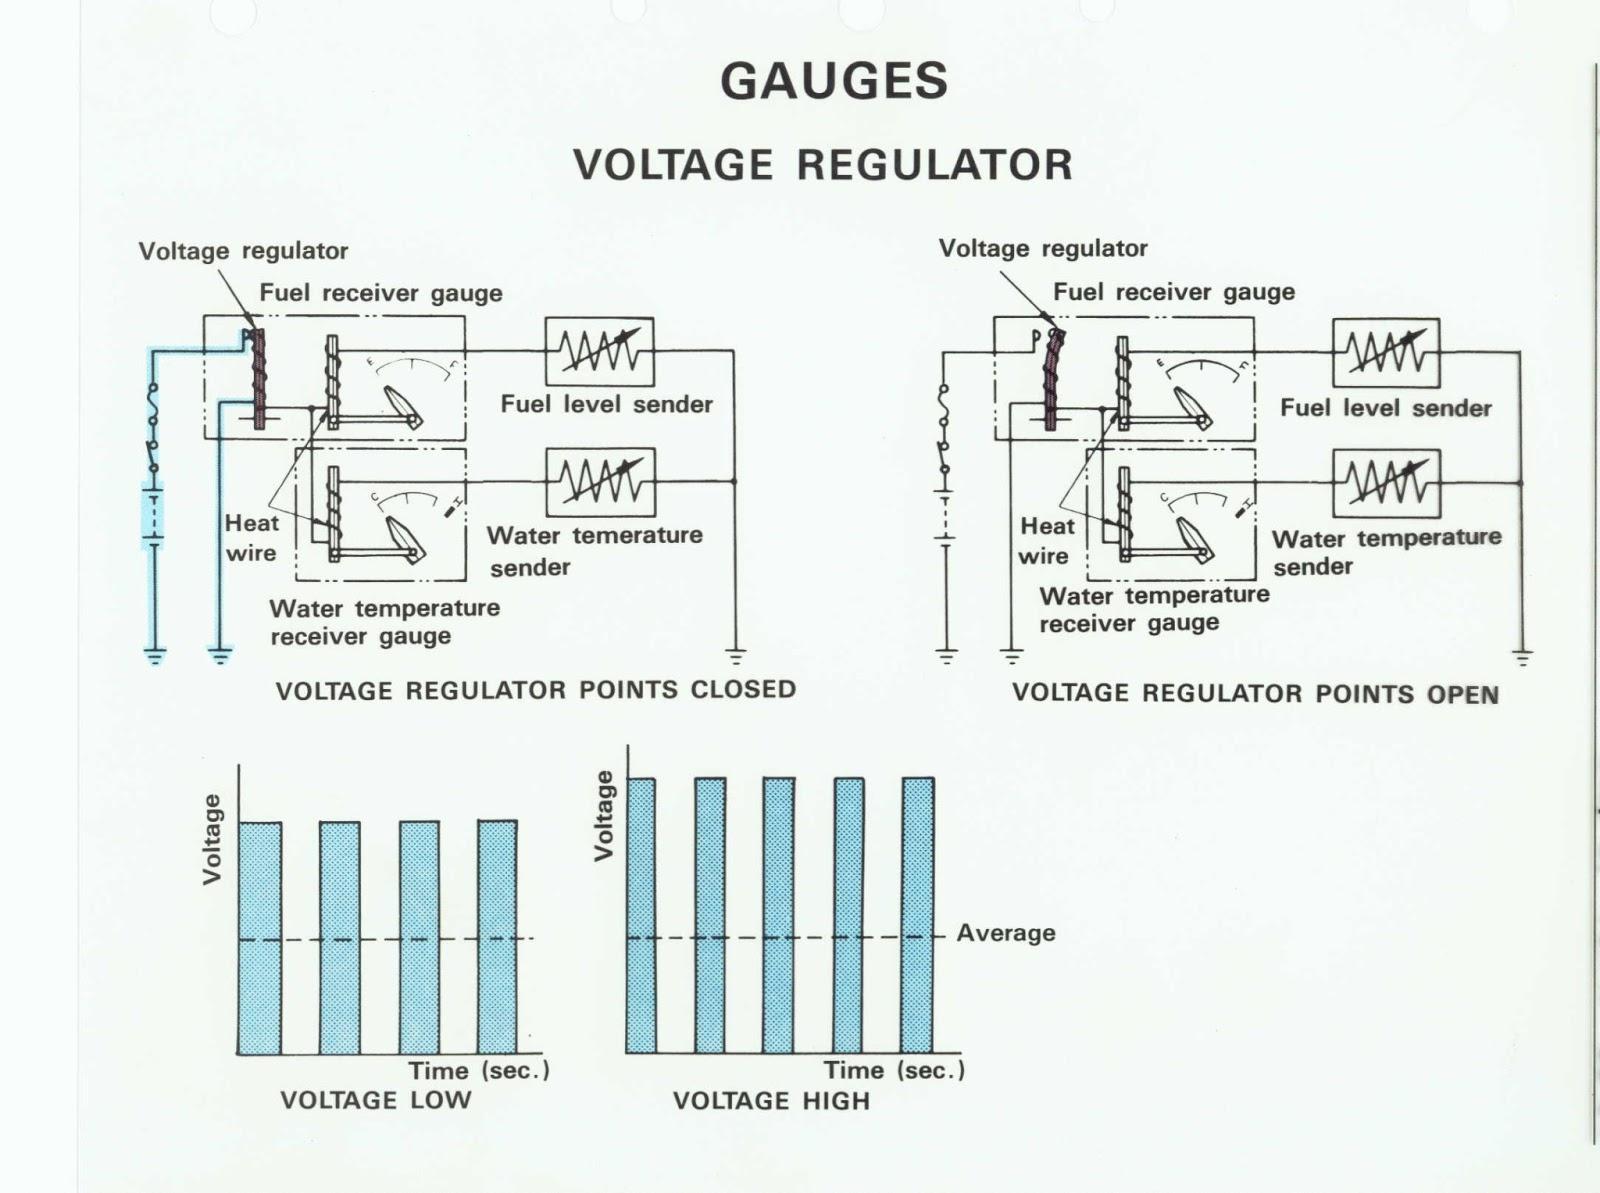 Mahasiswa berwirausaha: wiring diagram sistem kelistrikan body